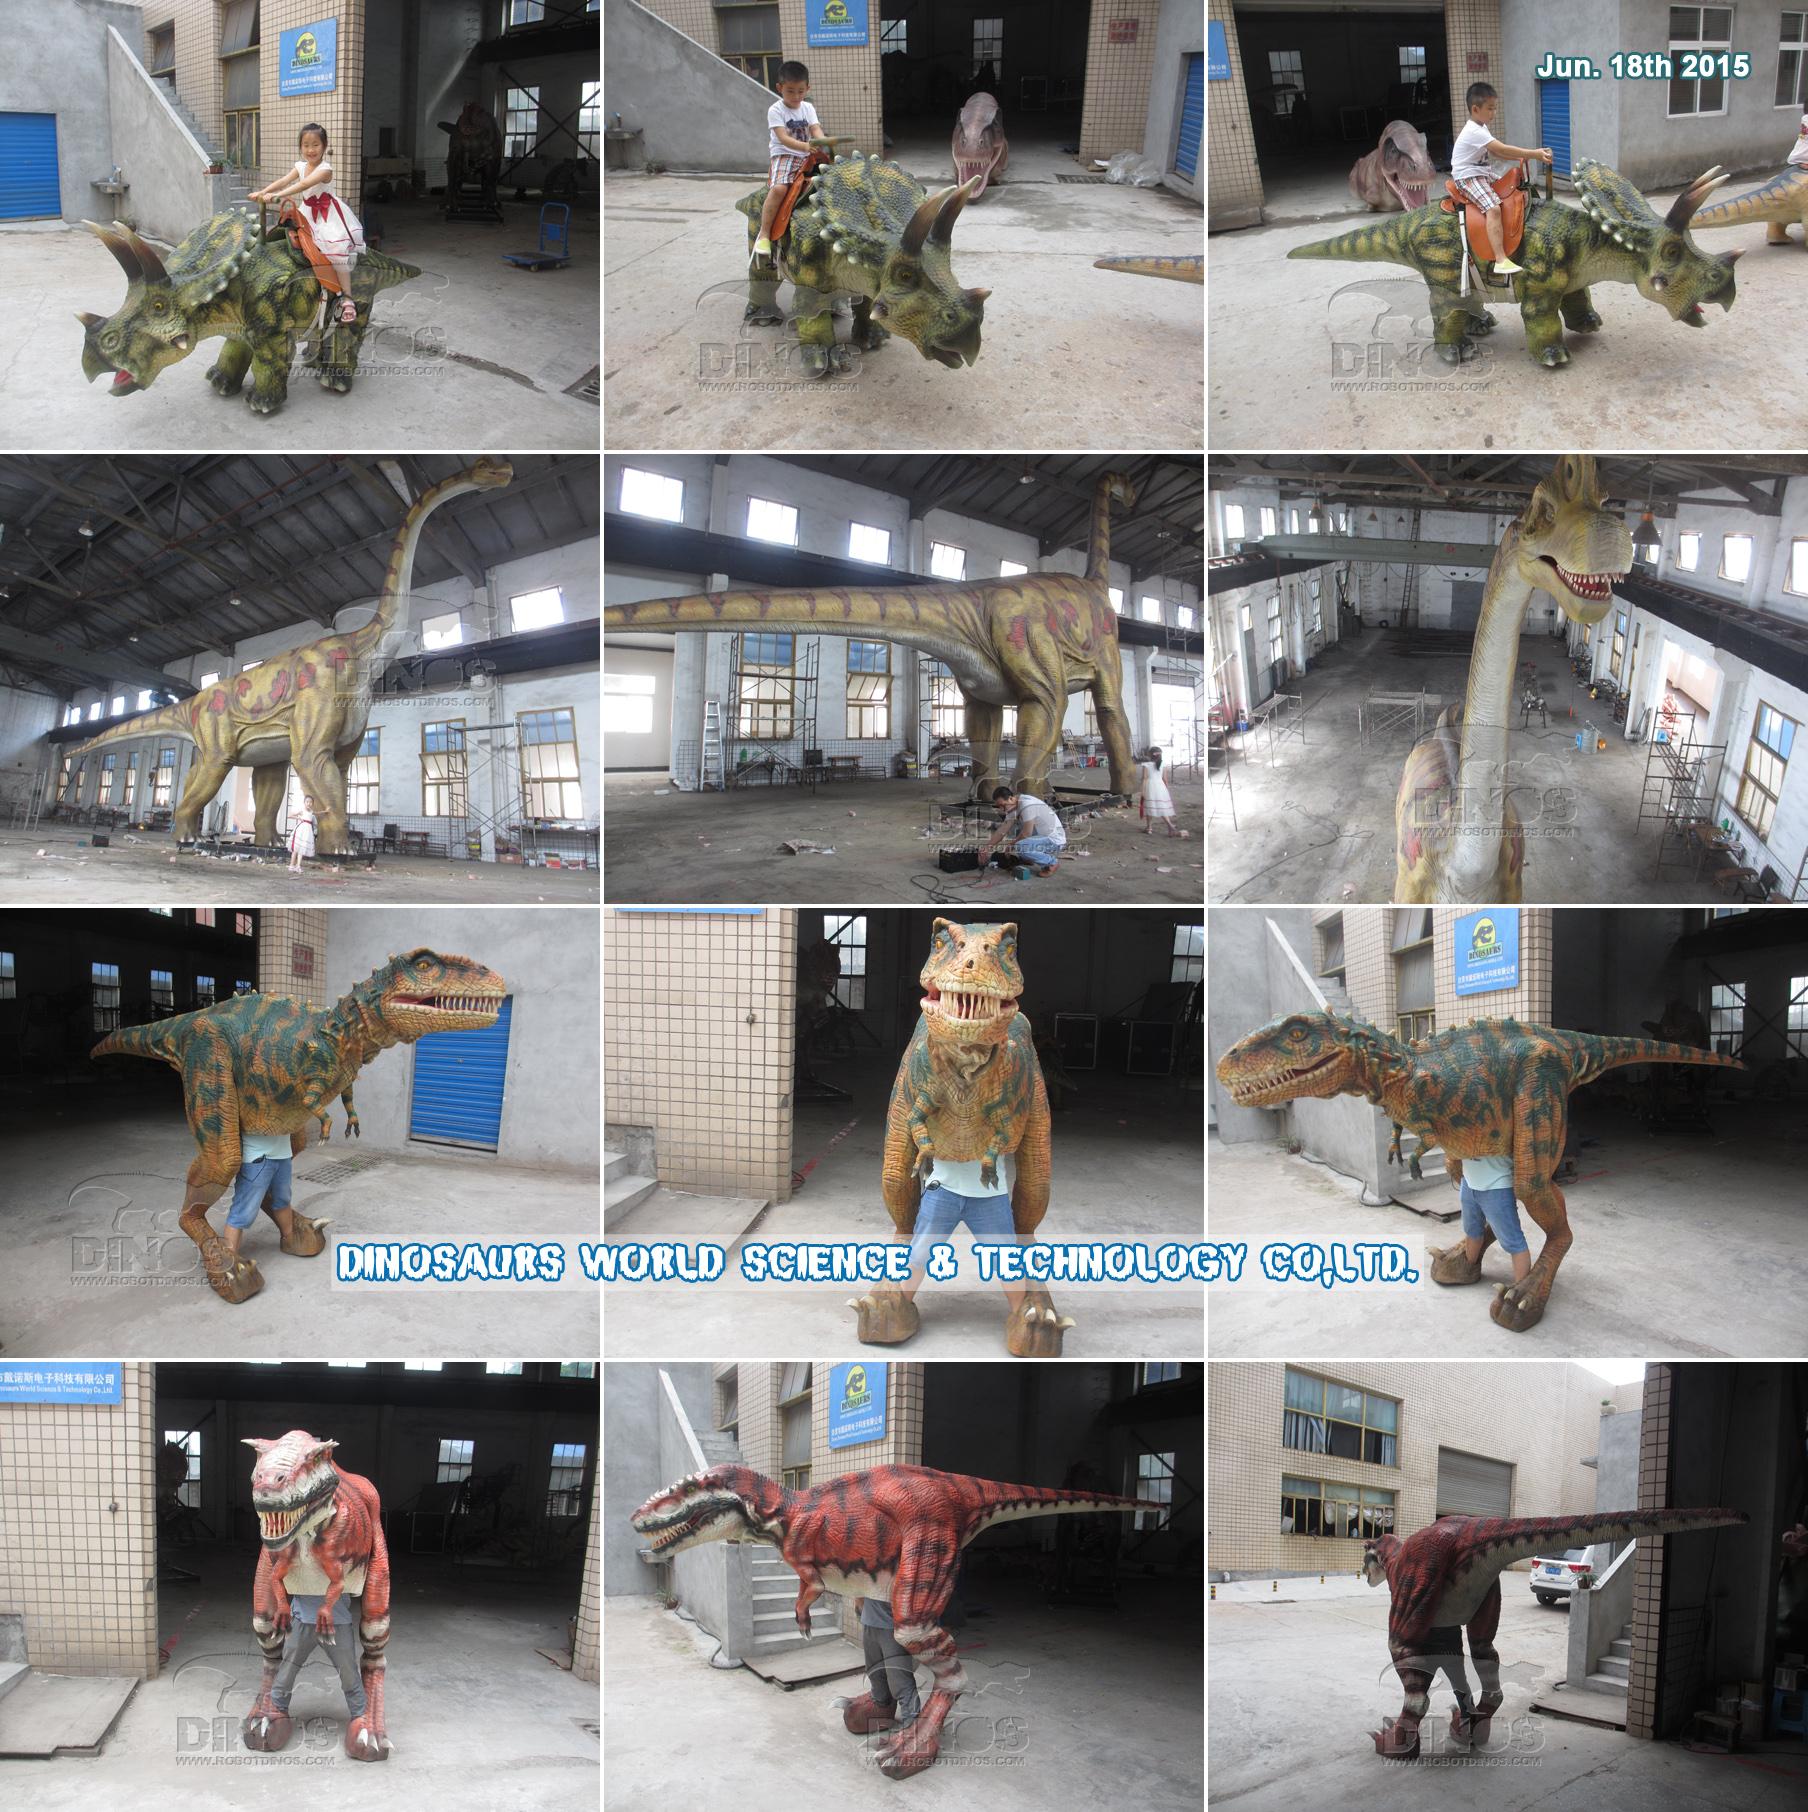 Animatronični dinosauri završeni u tvornici 18. lipnja 2015